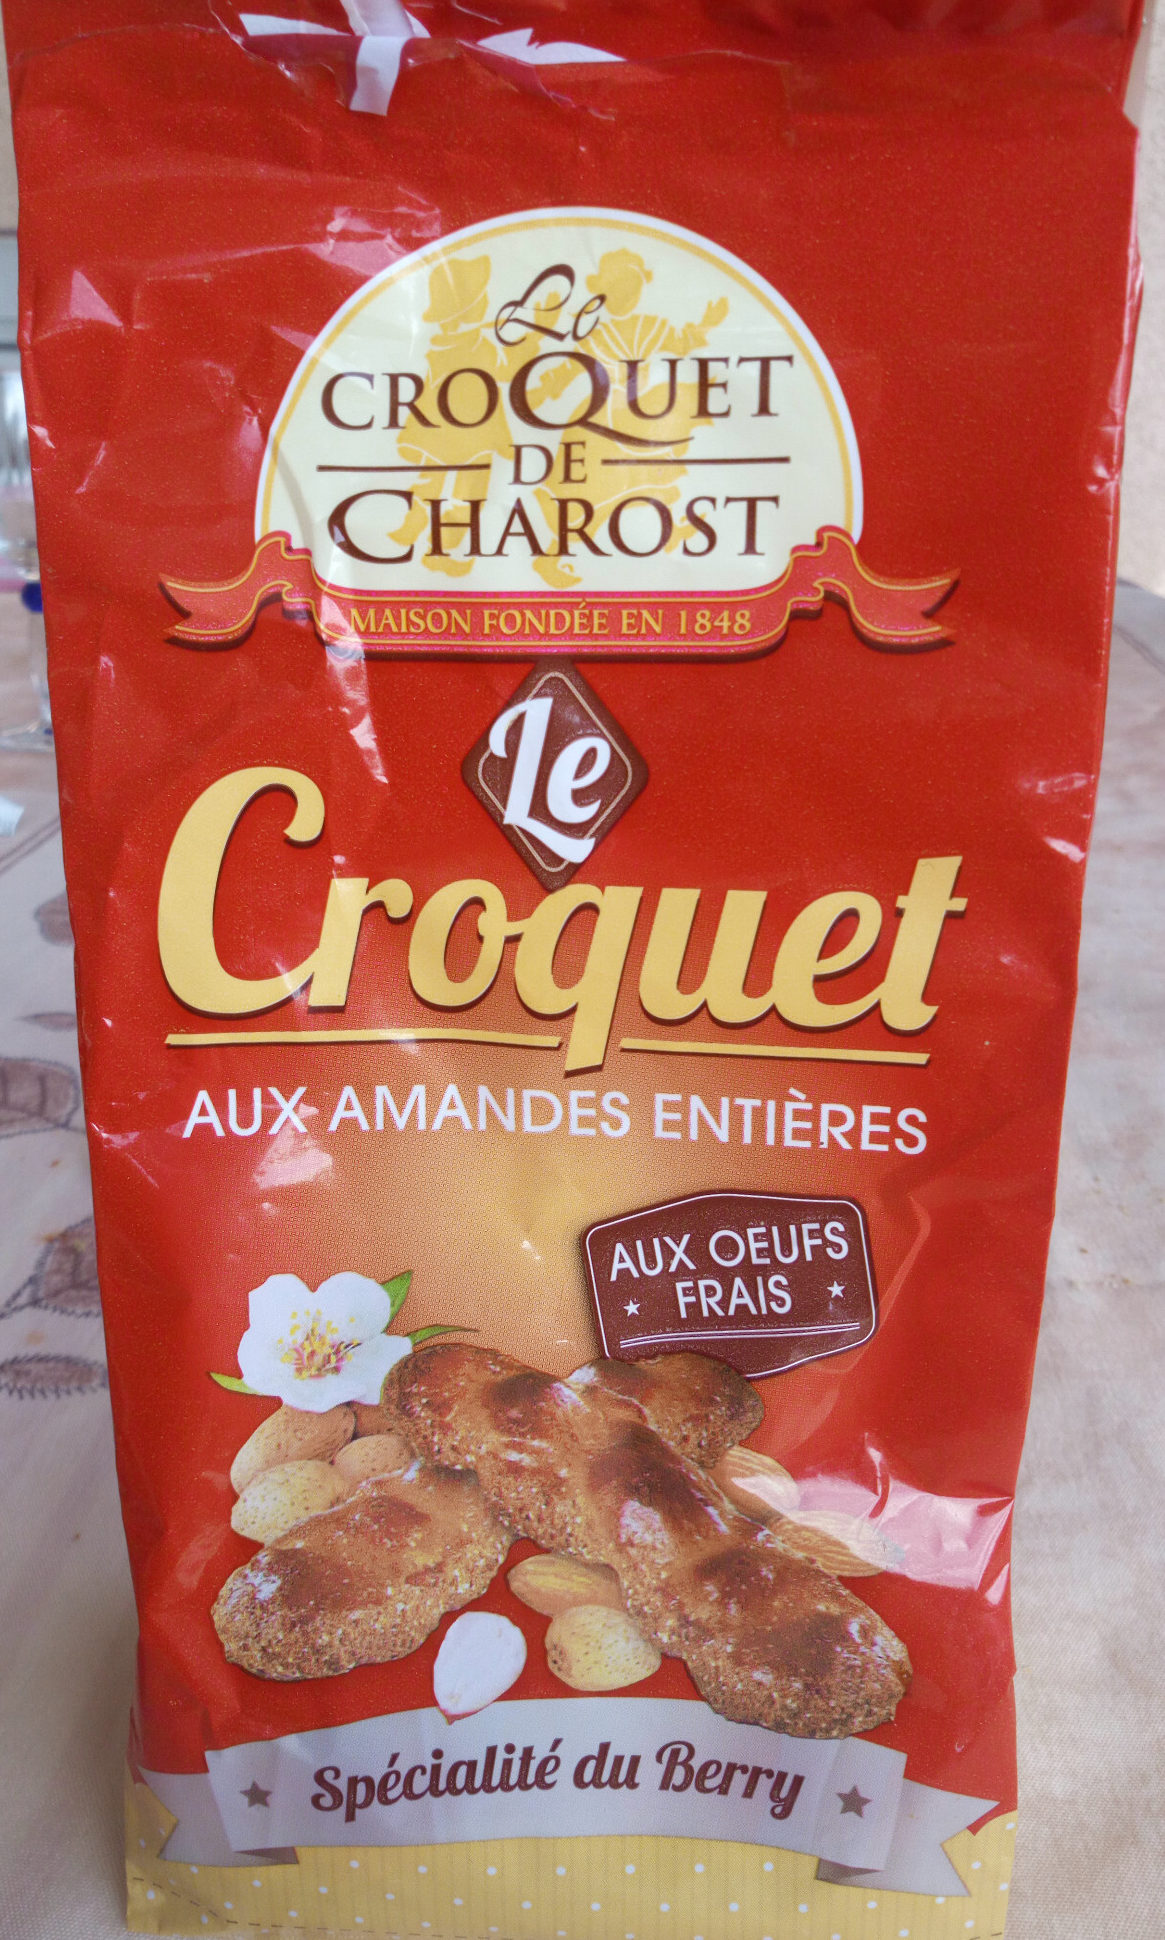 Le Croquet aux amandes entières - Product